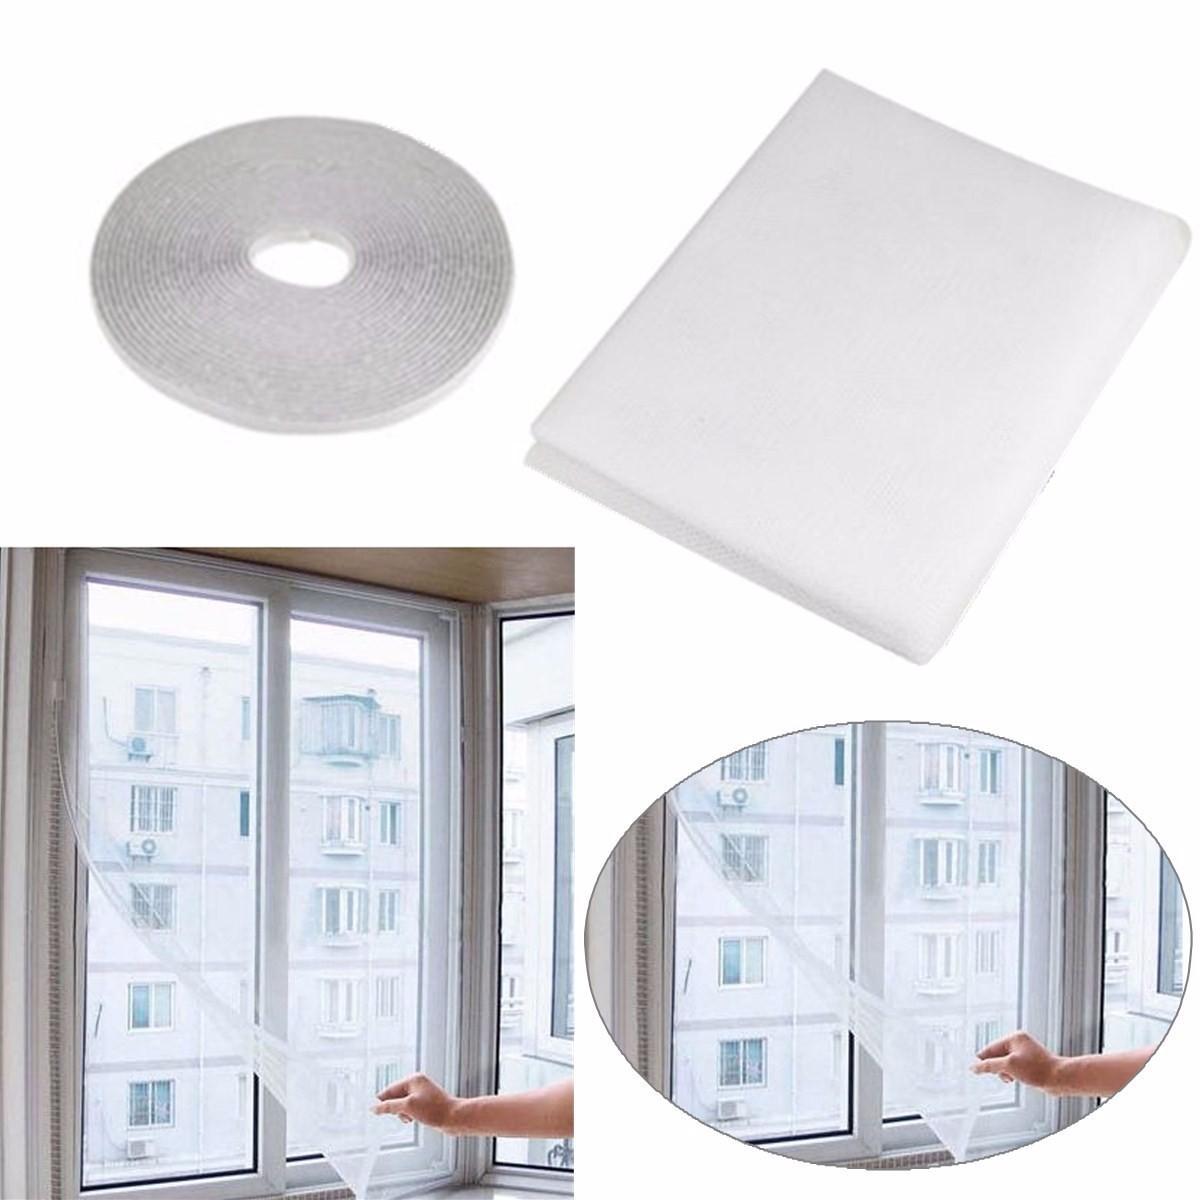 Moustiquaire pour fenêtre + bande adhésive Honana WX-318 - 130x155 cm, blanc